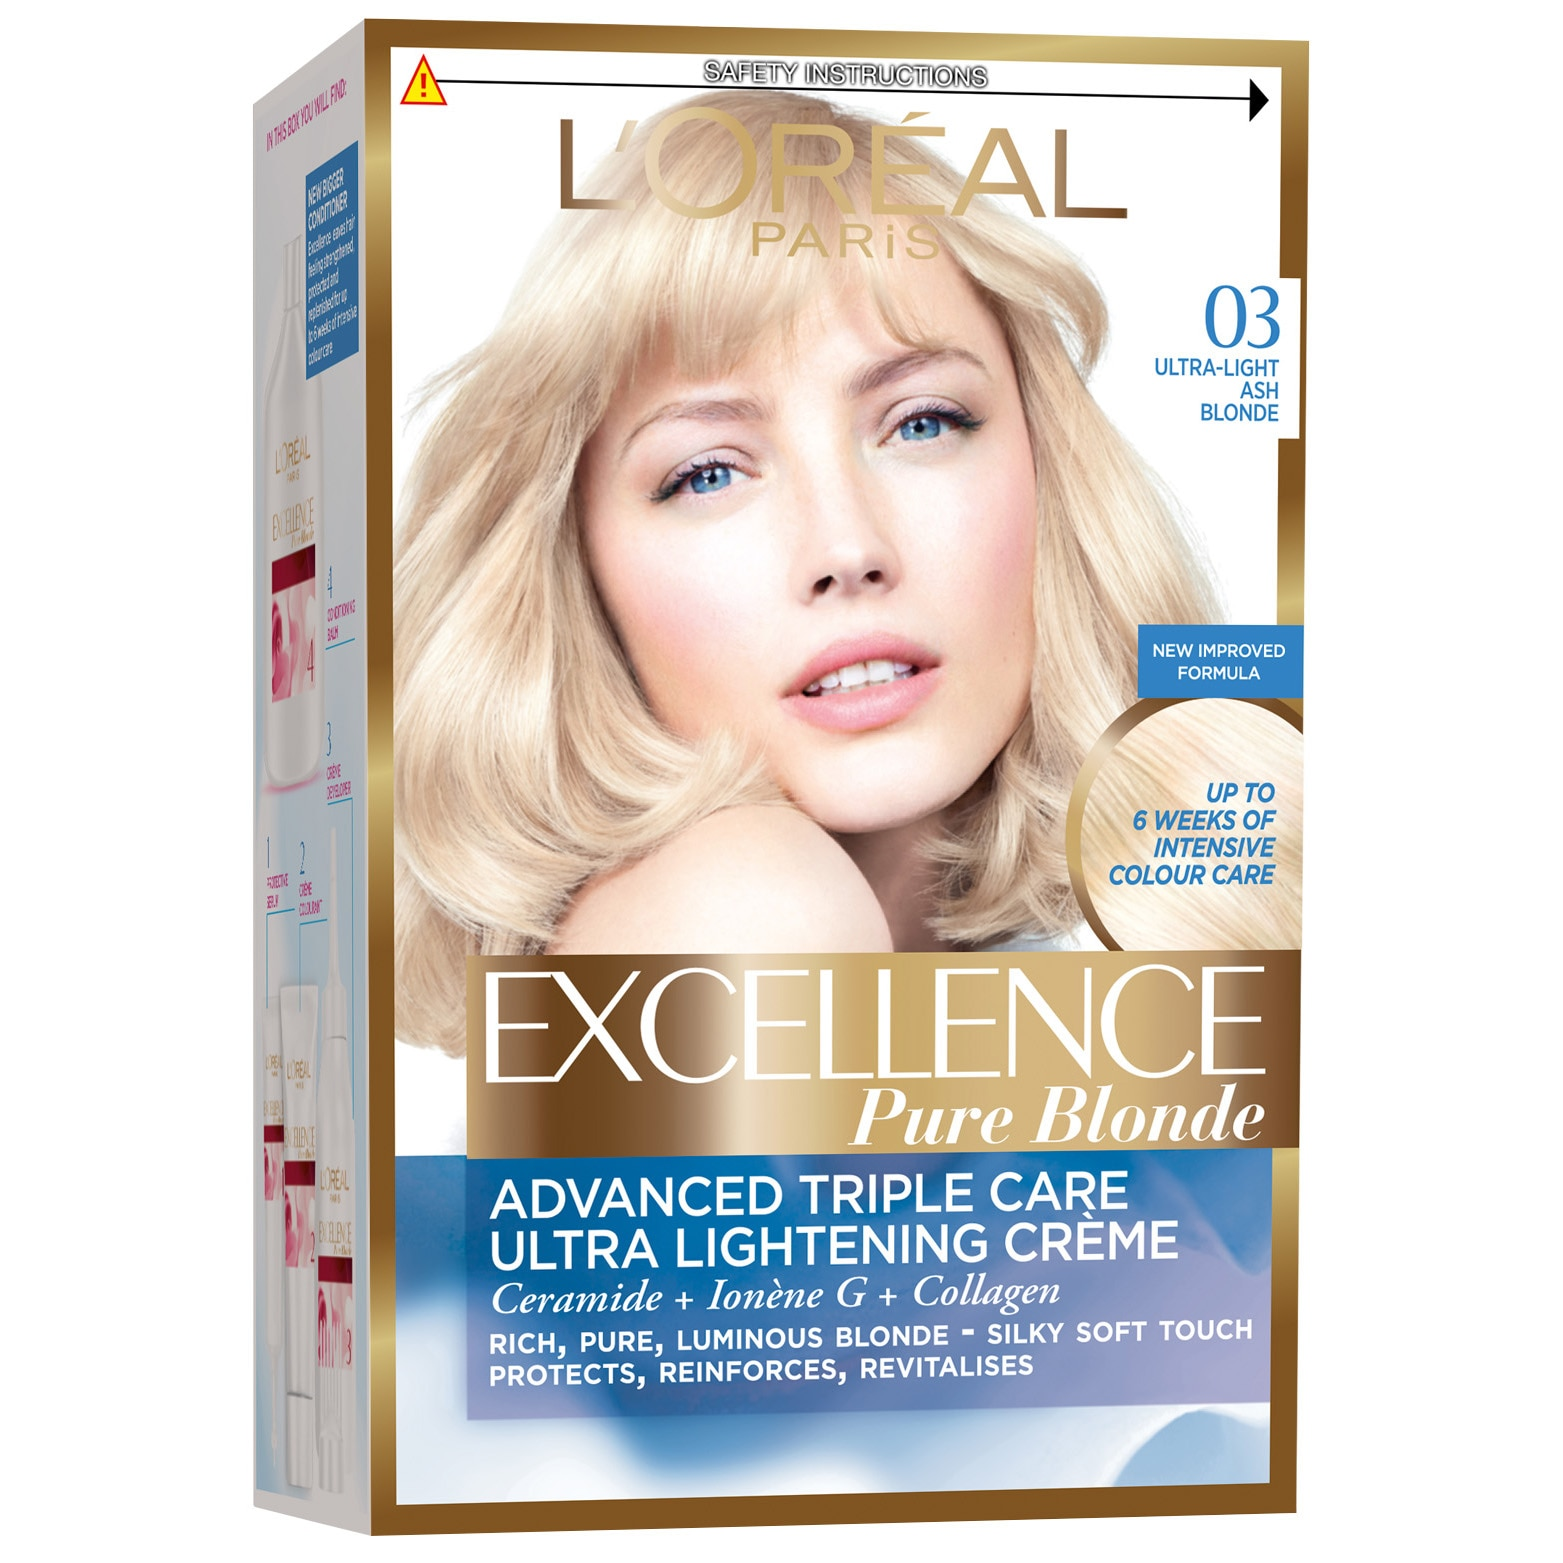 L'Oreal Paris hajfesték Excellence 03 Szőke, Nagyon világos hamvasszőke, 192 ml eMAG.hu